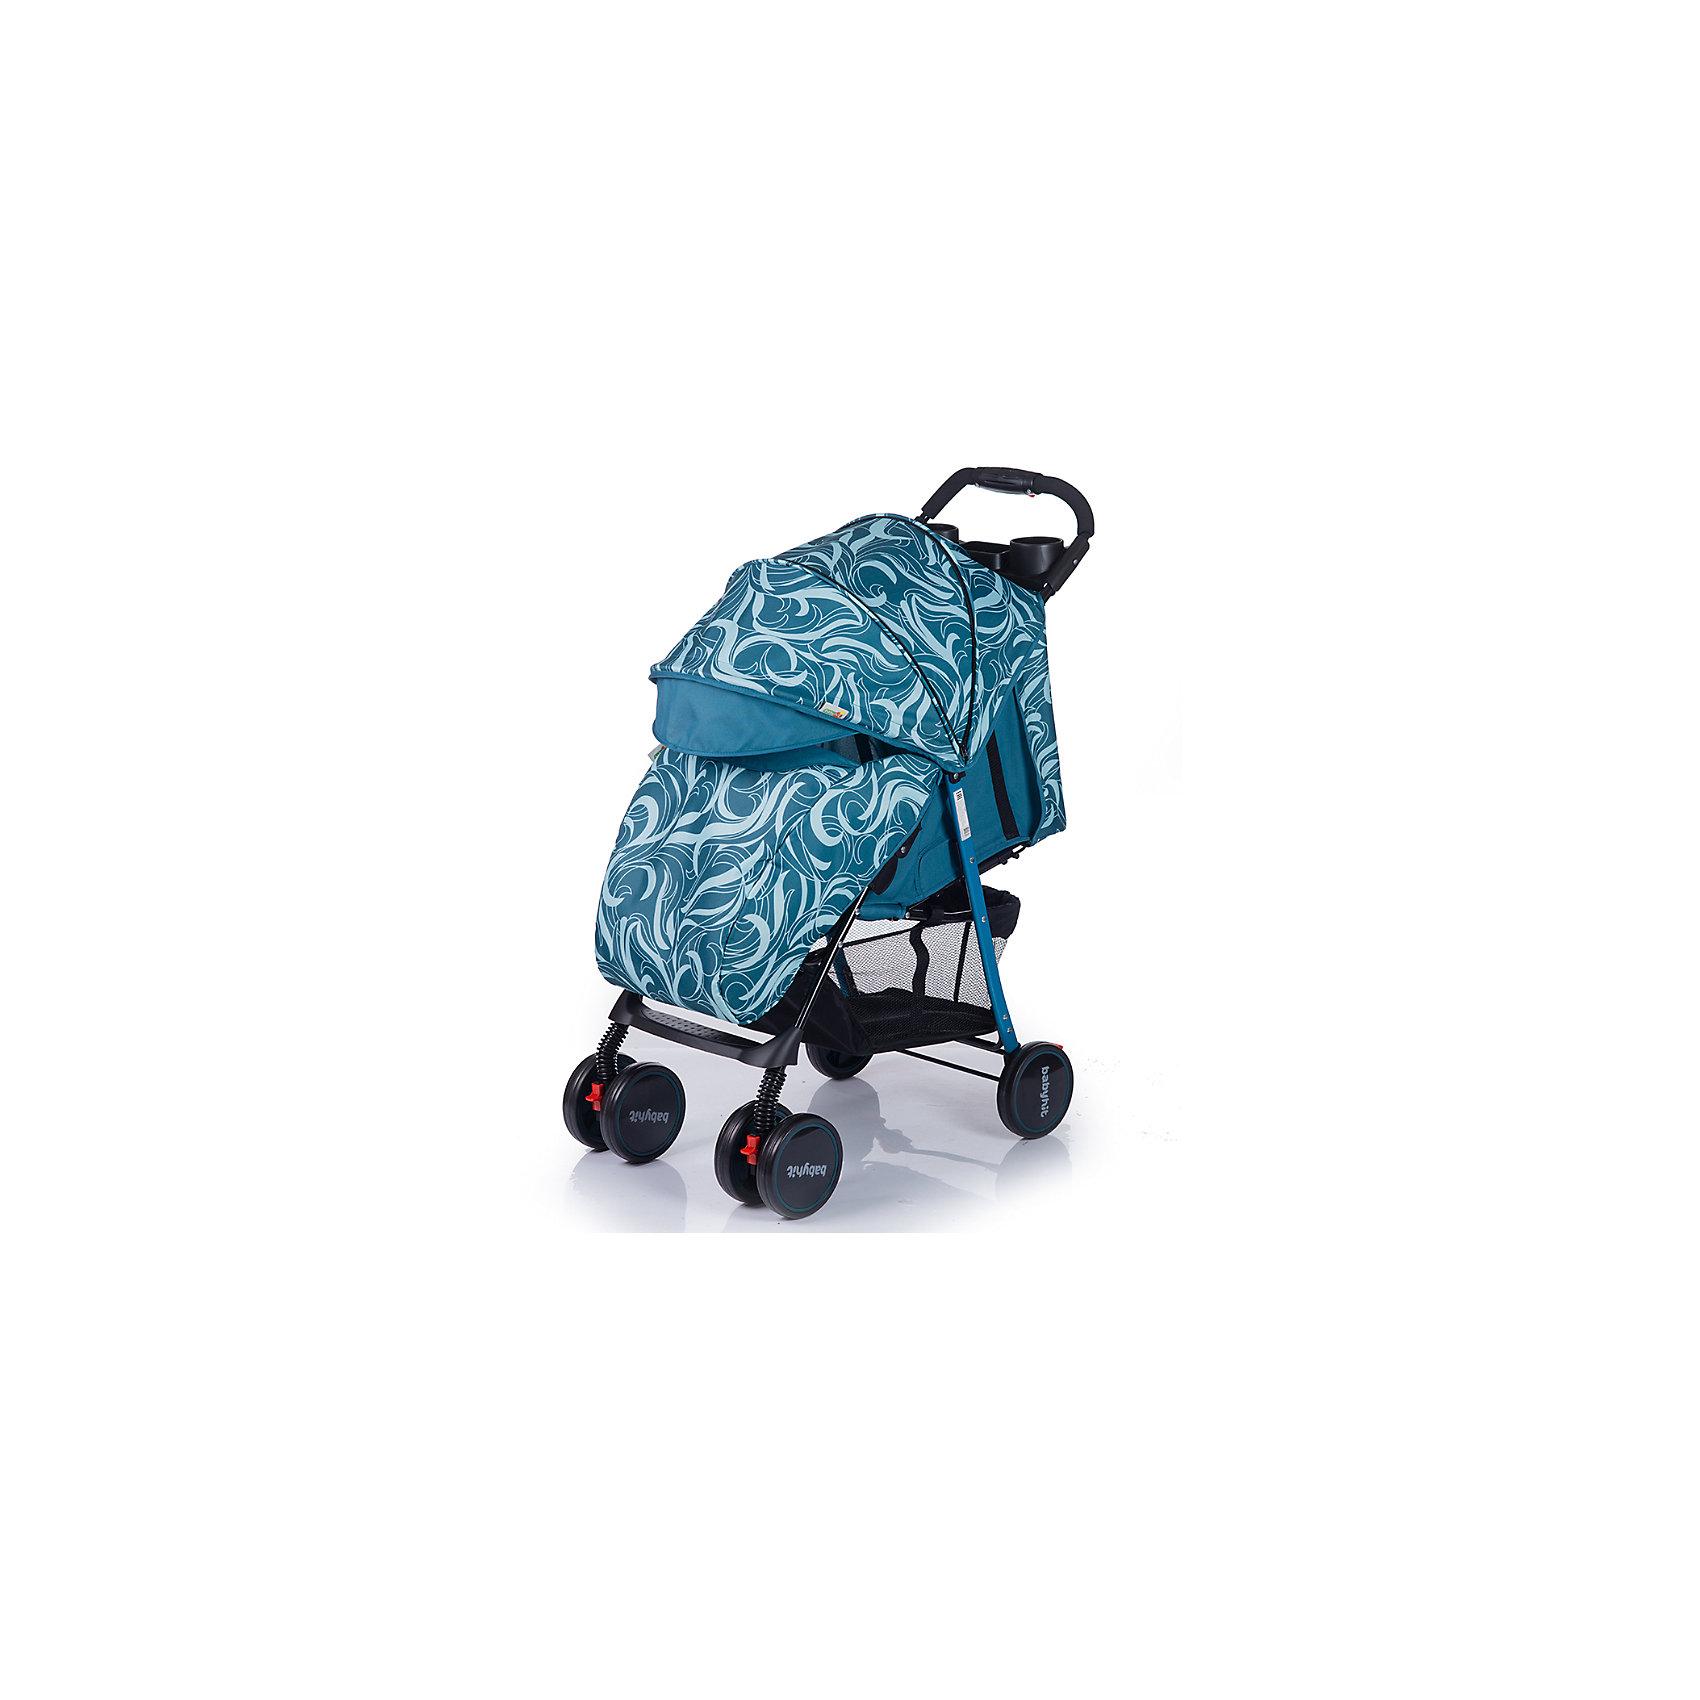 Прогулочная коляска BabyHit Simpy, синийПрогулочные коляски<br>Новинка 2017 года!<br>Легкая прогулочная коляска.<br>Сдвоенные передние колеса с функцией фиксации в положении «прямо»<br>Складывание одной рукой<br>Капюшон «батискаф»<br>3 положения наклона спинки (сидя, полулежа, лежа)<br>Регулируемая подножка<br>Съемный поручень с паховым ремнем<br>3-х точечная система ремней безопасности<br>Столик с подстаканниками и бардачком на ручке<br>Вместительная багажная корзина<br>Амортизация на всех колесах<br>В комплекте: полог, москитная сетка<br><br>Характеристика:<br>Размеры в разложенном виде: 76 х 46 х 101 см (ДхШхВ)<br>Размеры в сложенном виде: 83 х 46 х 34 см (ДхШхВ)<br>Размер спального места: 68х32 см (ДхШ)<br>Ширина сиденья: 32 см<br>Длина сиденья:  20 см<br>Высота спинки:  39 см<br>Высота до ручки: 101 см<br>Диаметр колес: 15 см<br><br>Ширина мм: 420<br>Глубина мм: 250<br>Высота мм: 800<br>Вес г: 6980<br>Возраст от месяцев: 6<br>Возраст до месяцев: 36<br>Пол: Унисекс<br>Возраст: Детский<br>SKU: 5584579